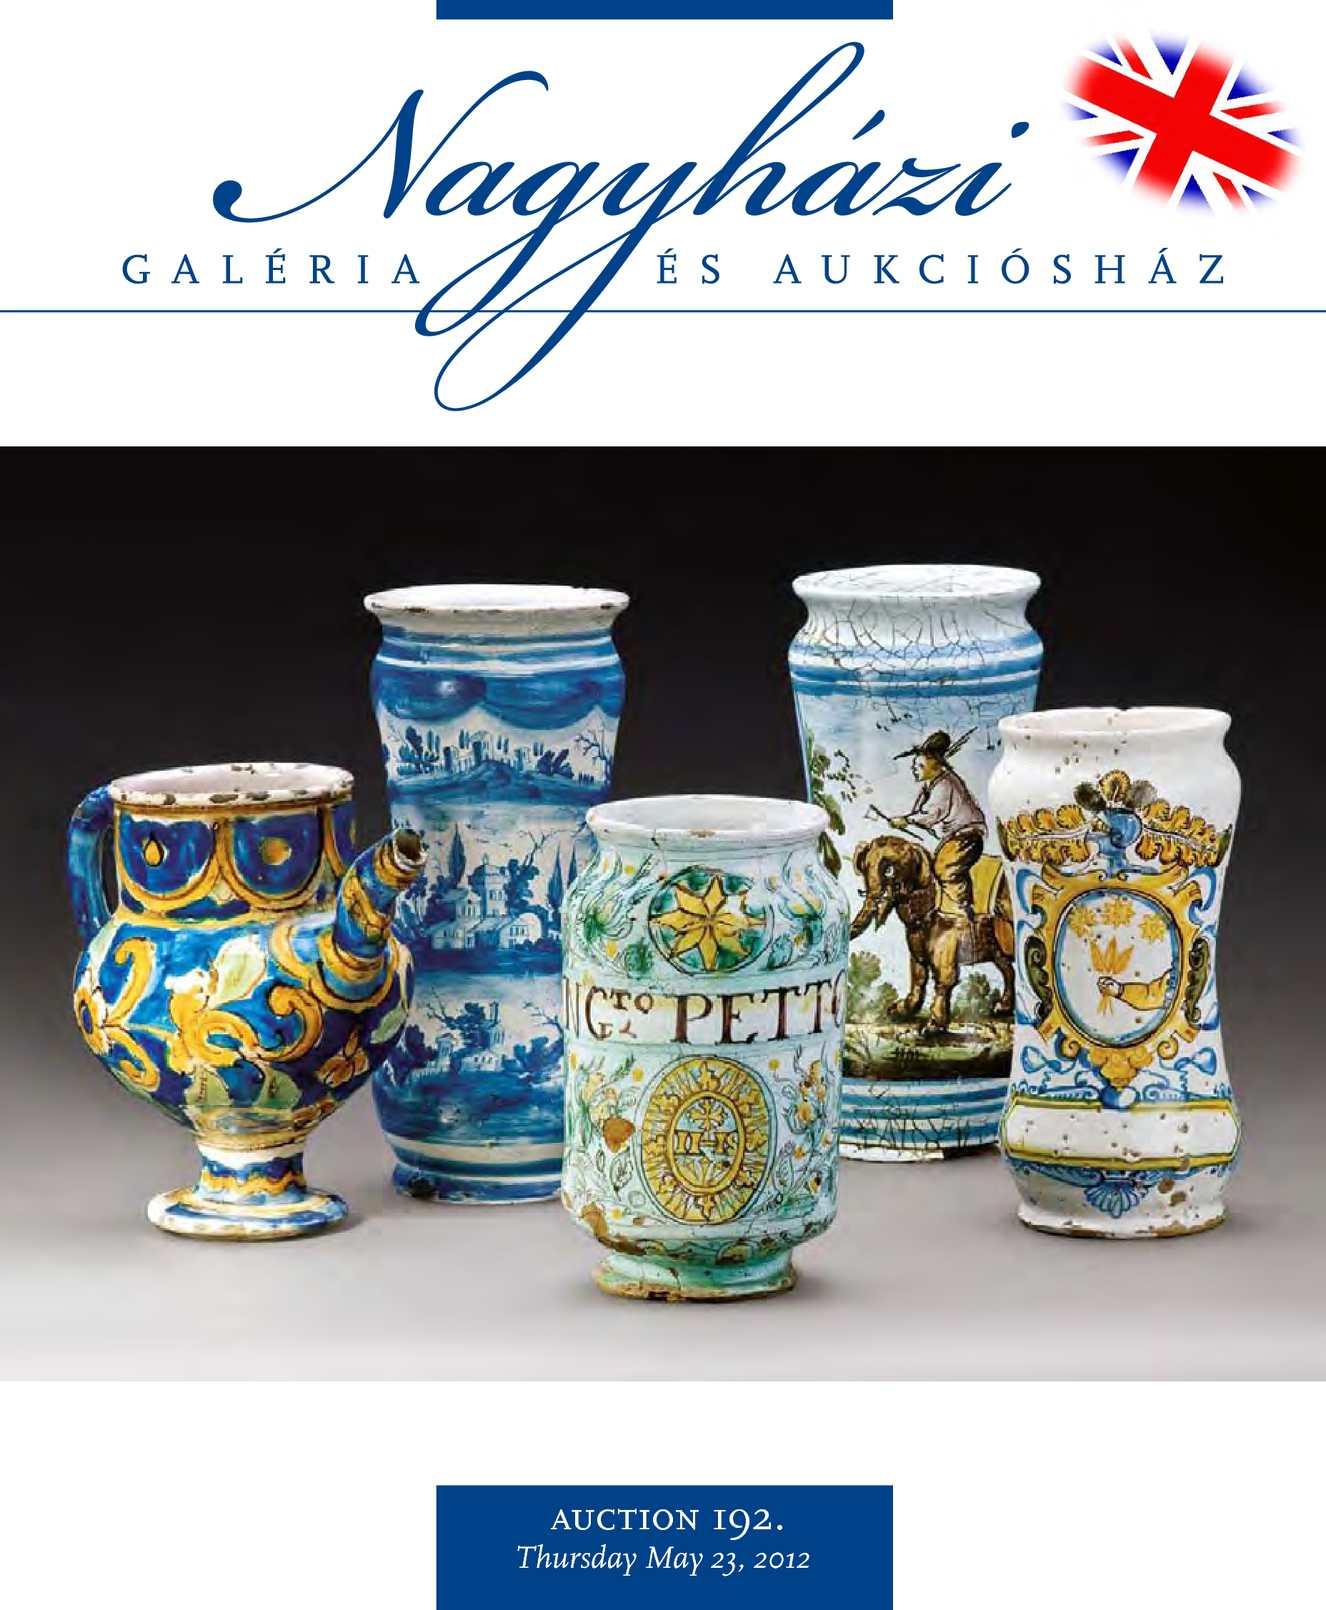 Nagyházi Galéria és Aukciósház – Auction 192.